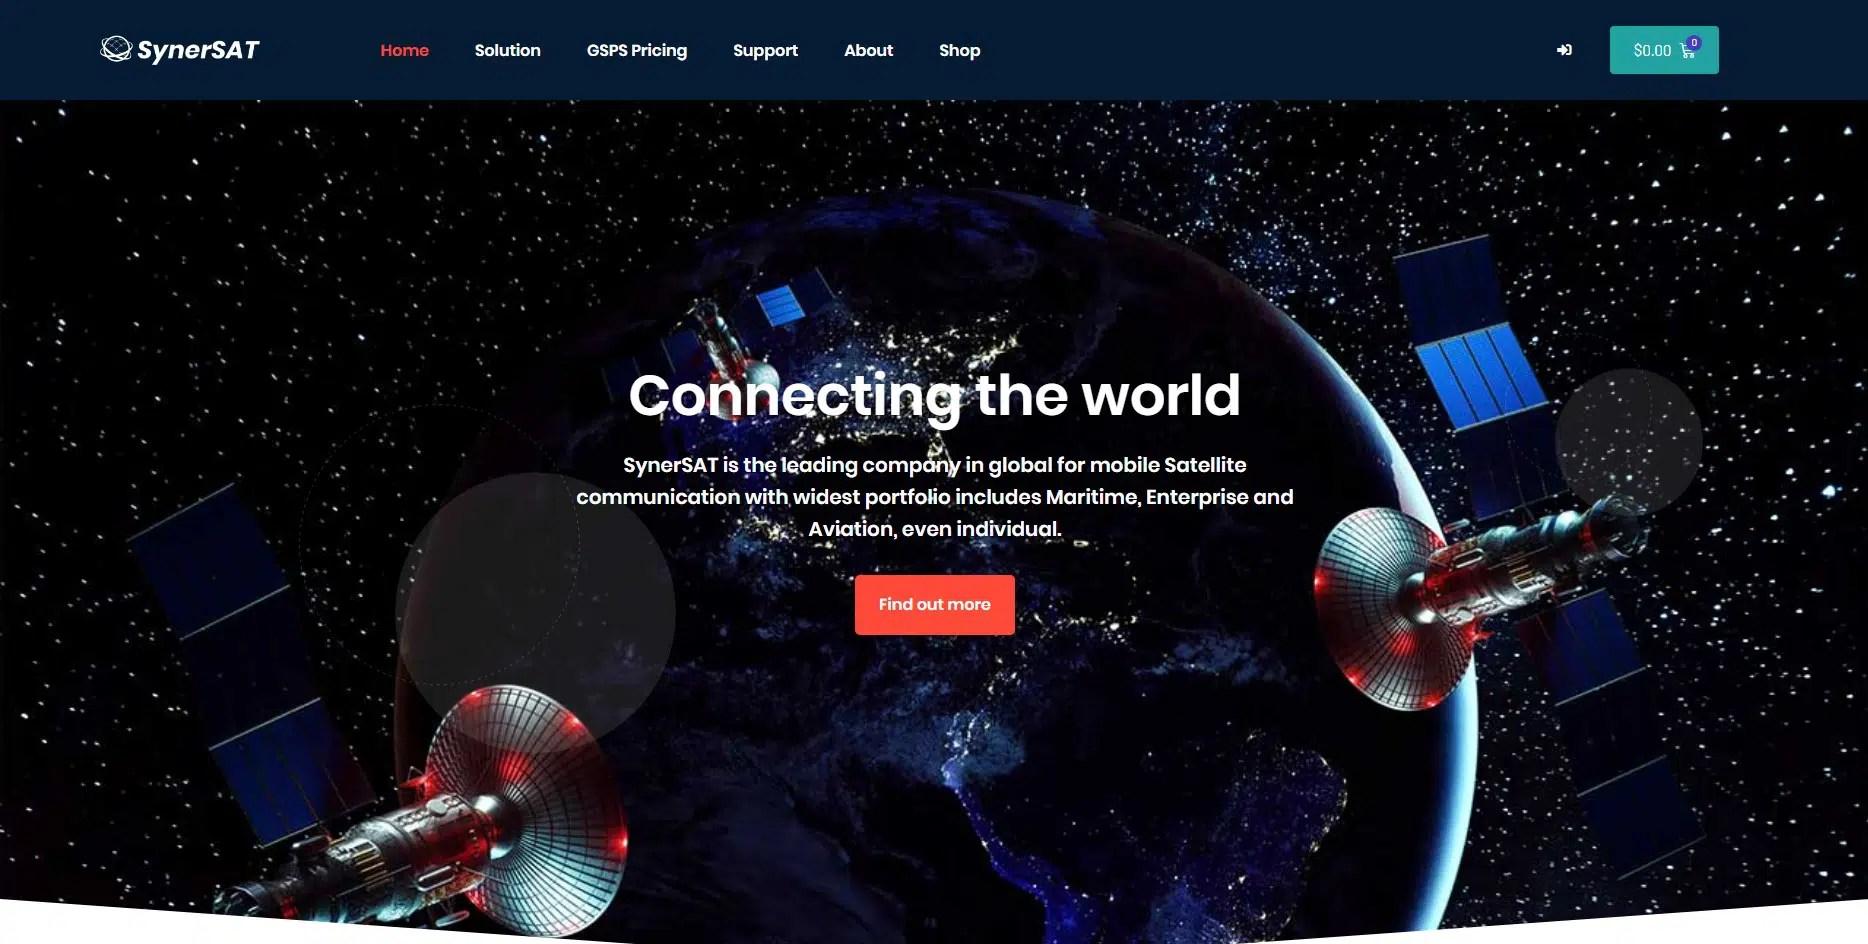 시너셋(SYnersat) 뉴질랜드 지역 브랜드 웹사이트 구축